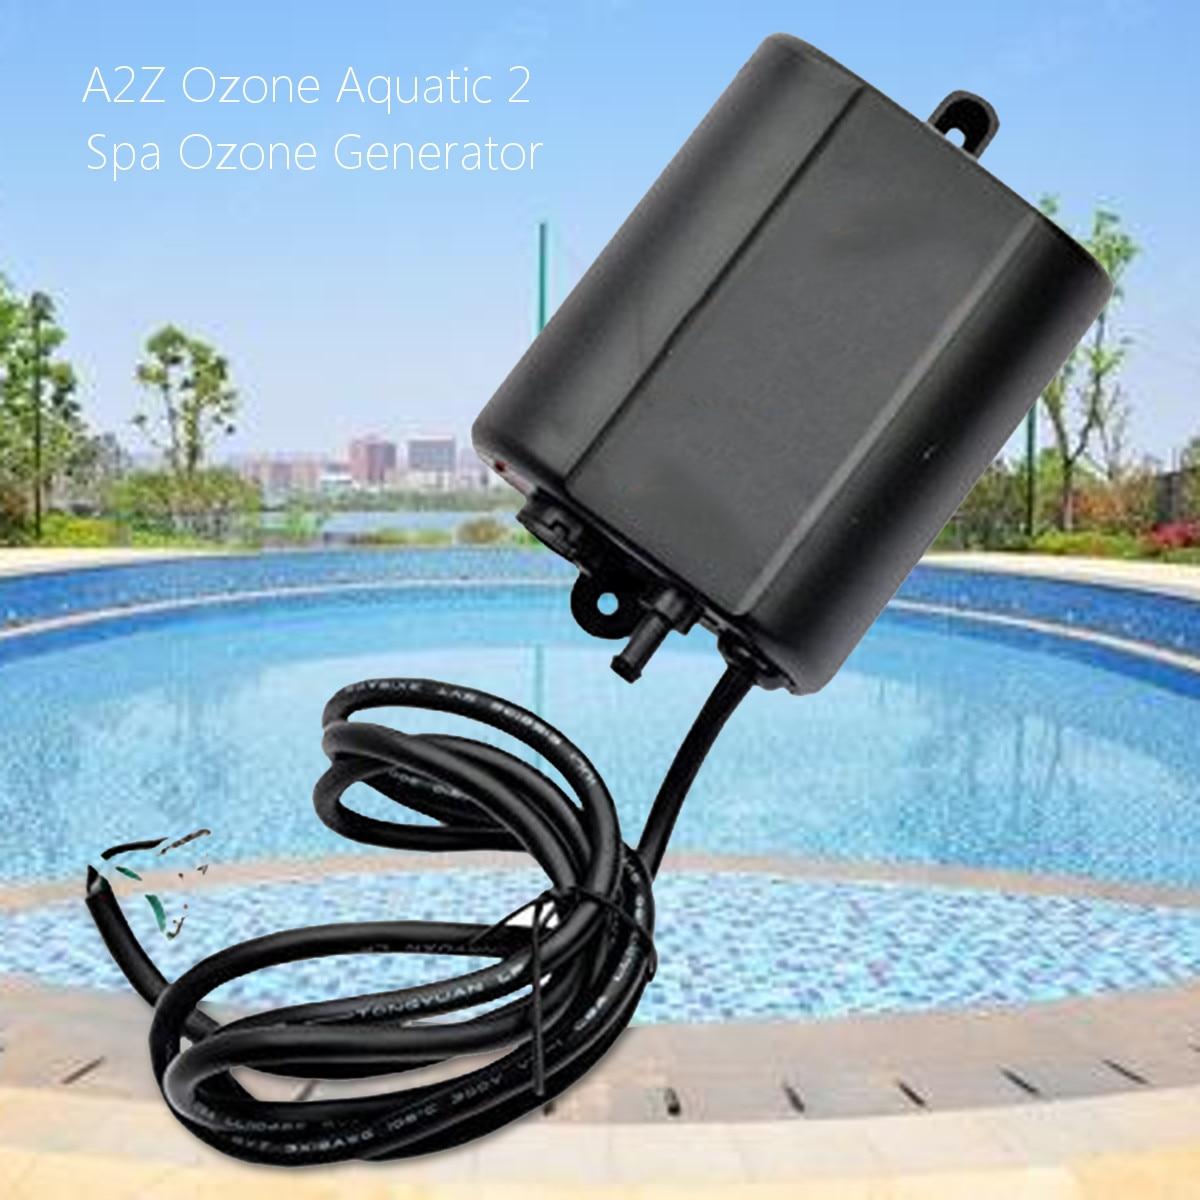 3W 100 250VAC 300mg h A2Z Ozone Aquatic 2 Spa Ozone Generator Air Purifier